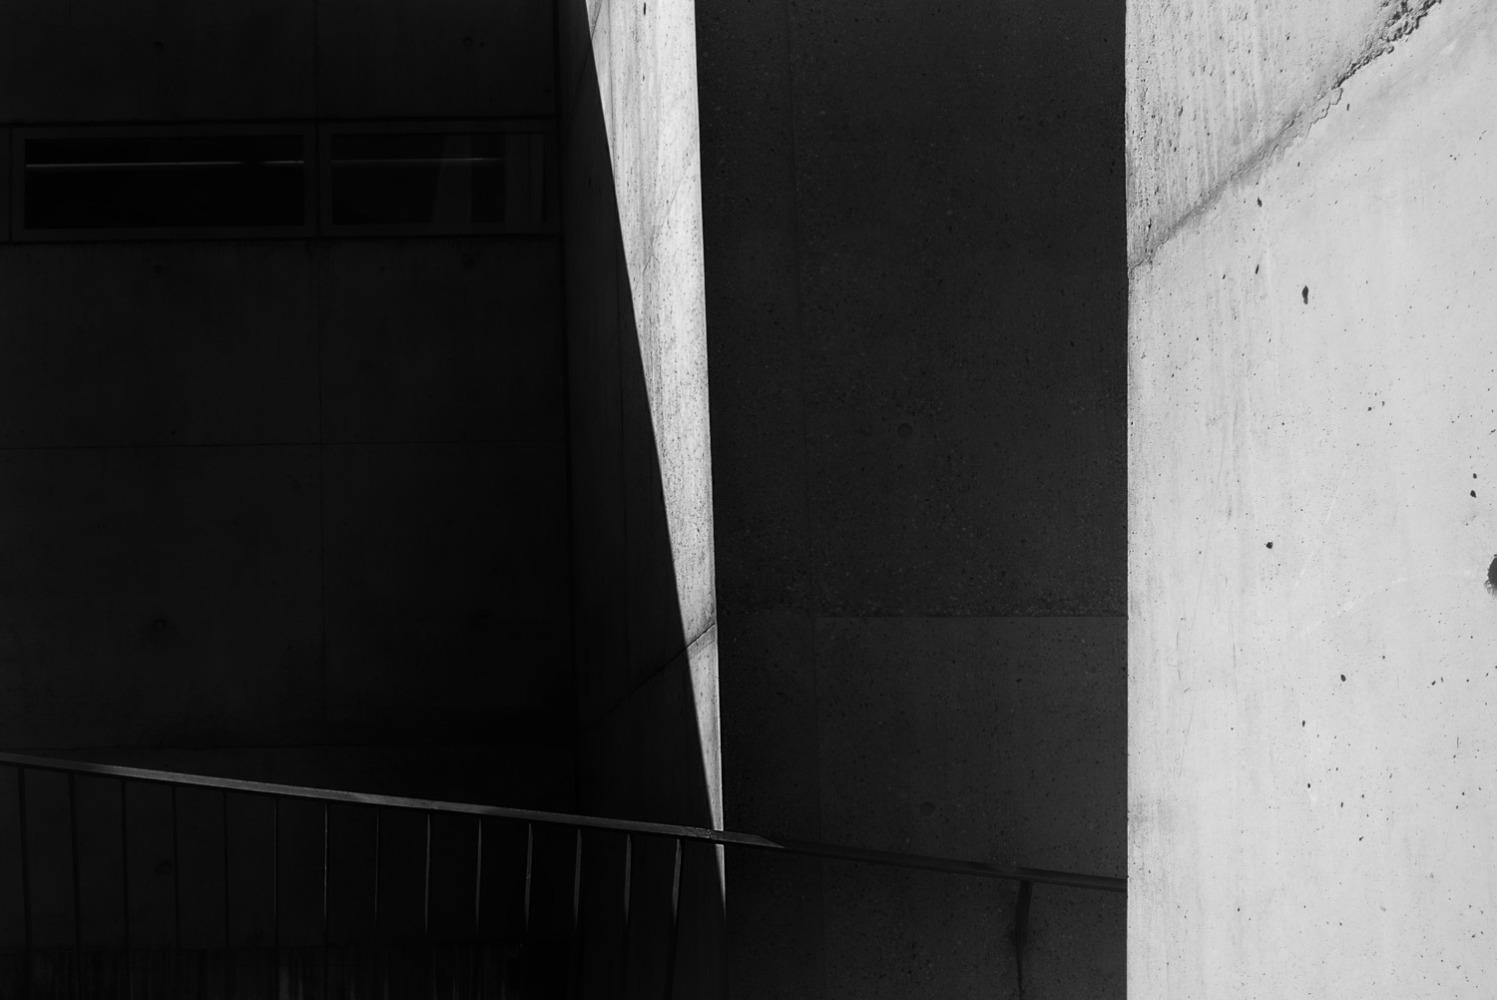 museum-franz-gertsch-light-shadows-I-vladimir-petek-photography.jpg